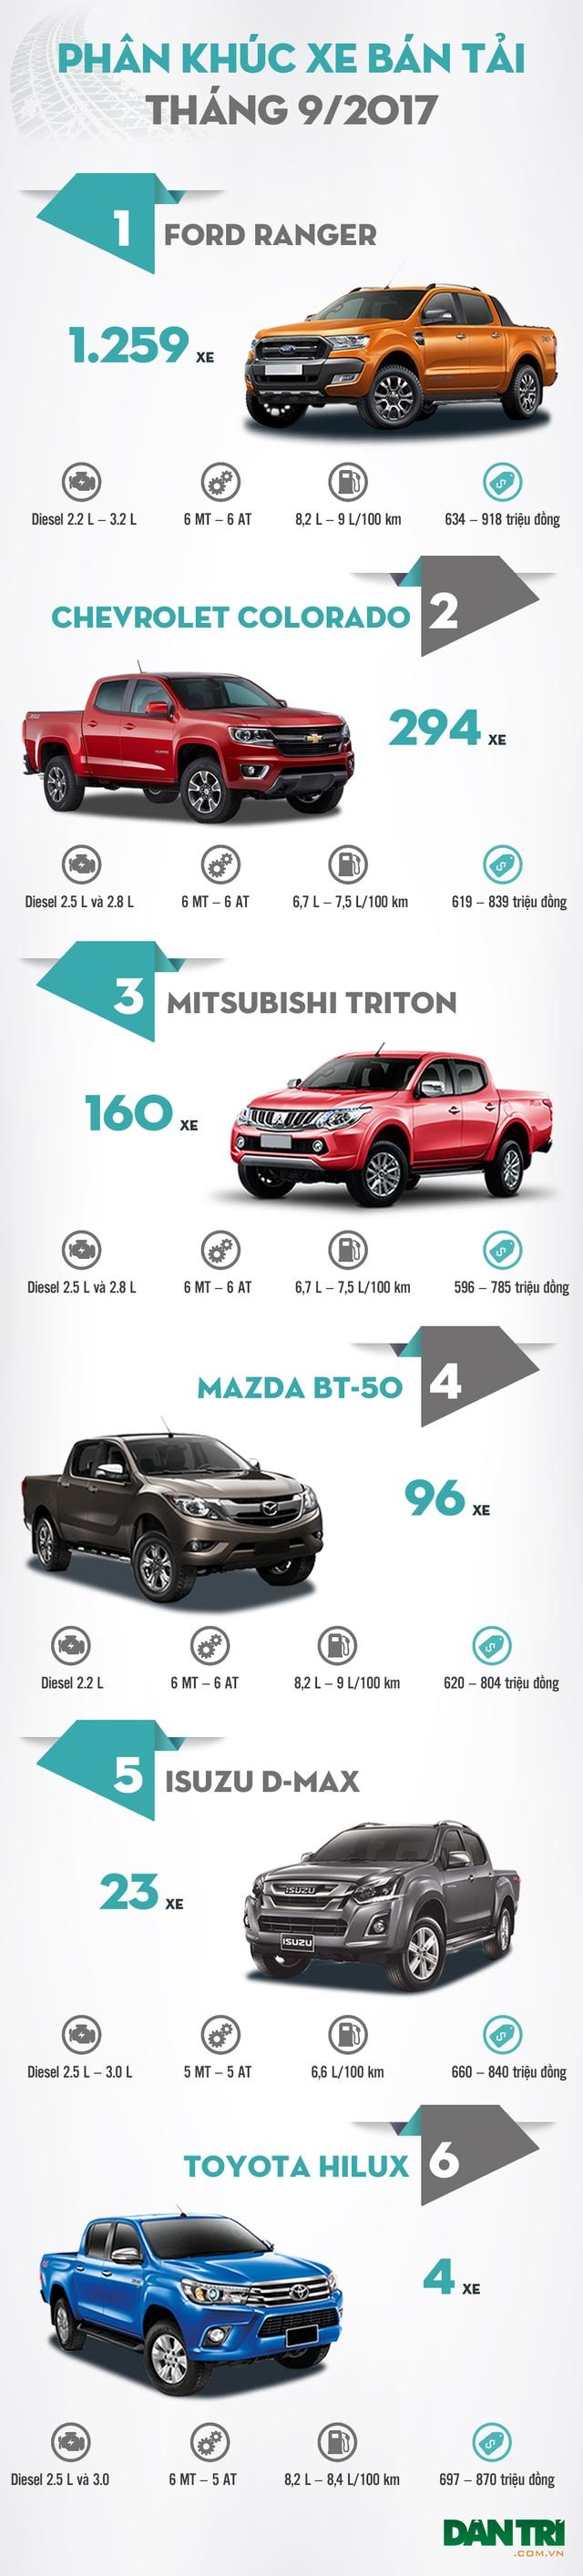 Cả tháng 9/2017 Toyota chỉ bán được 4 chiếc Hilux - 2